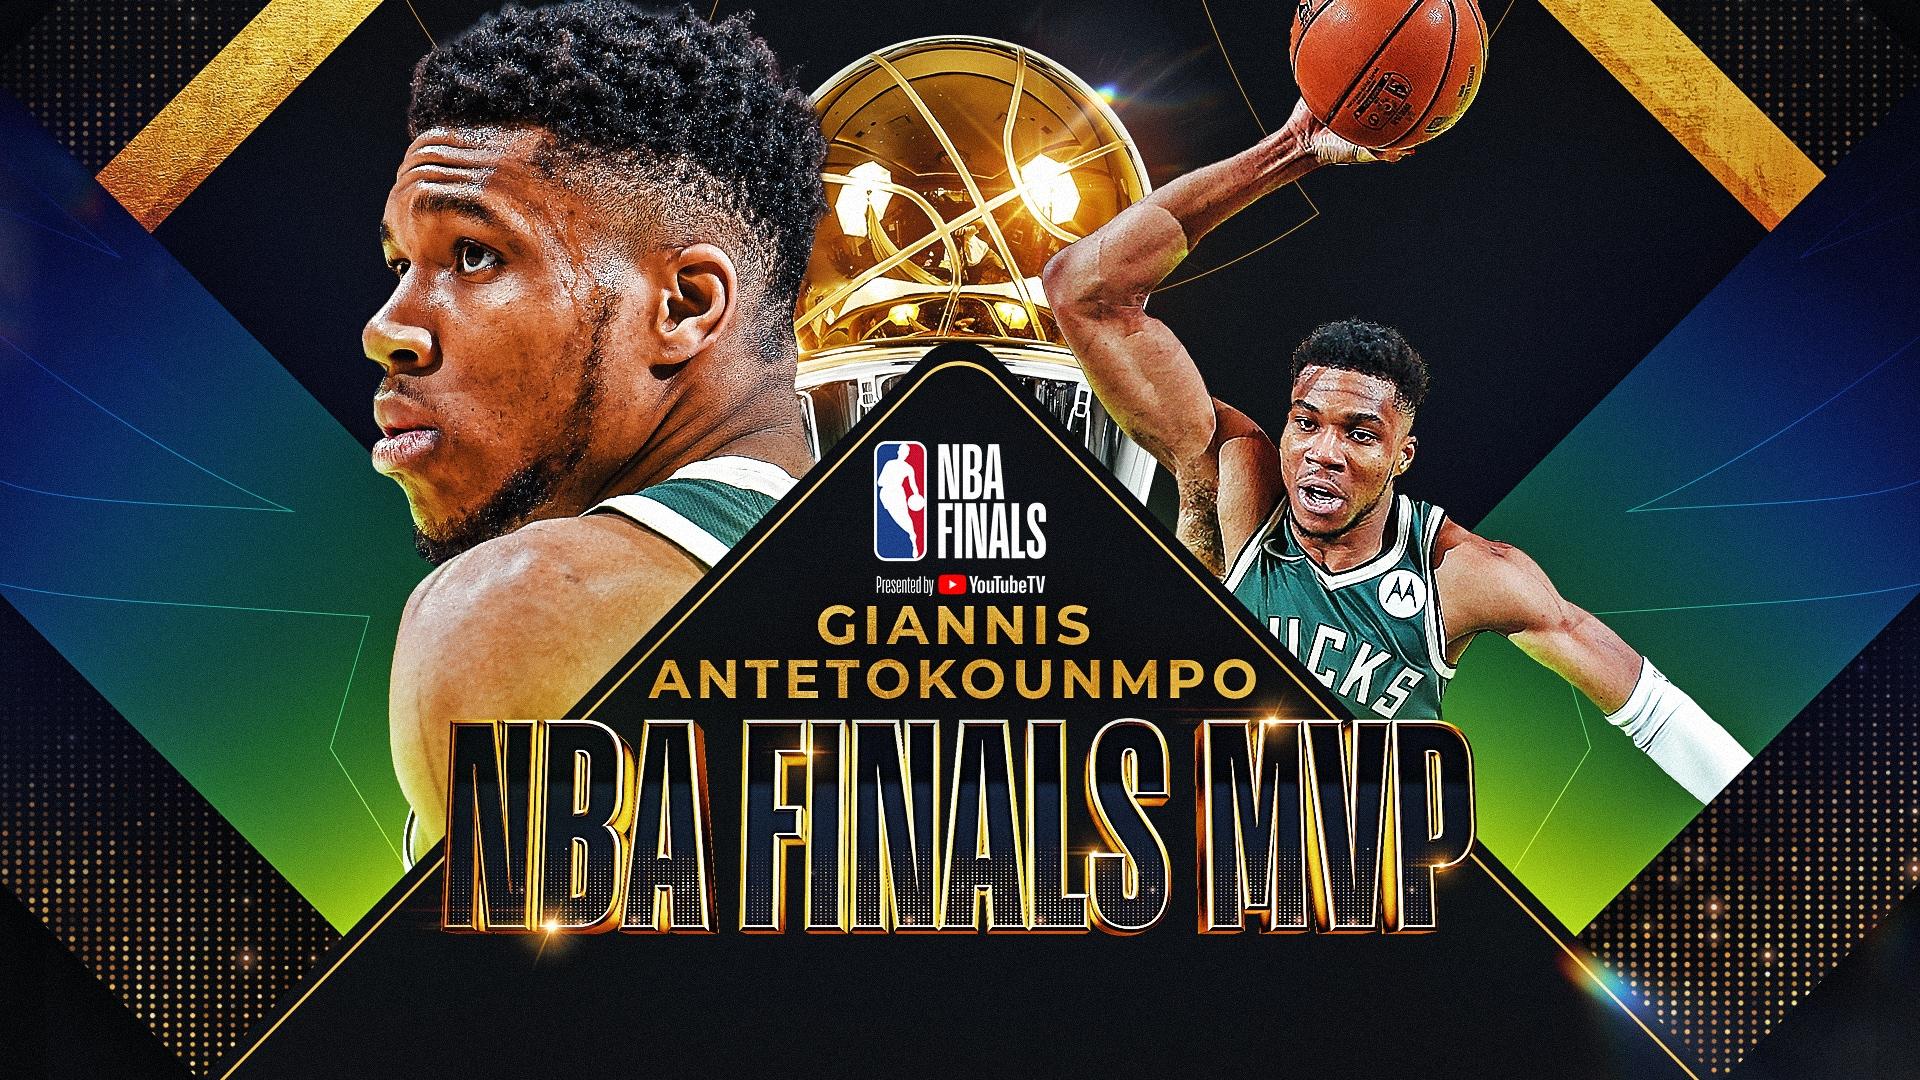 Giannis Antetokounmpo wins 2021 Bill Russell NBA Finals MVP award